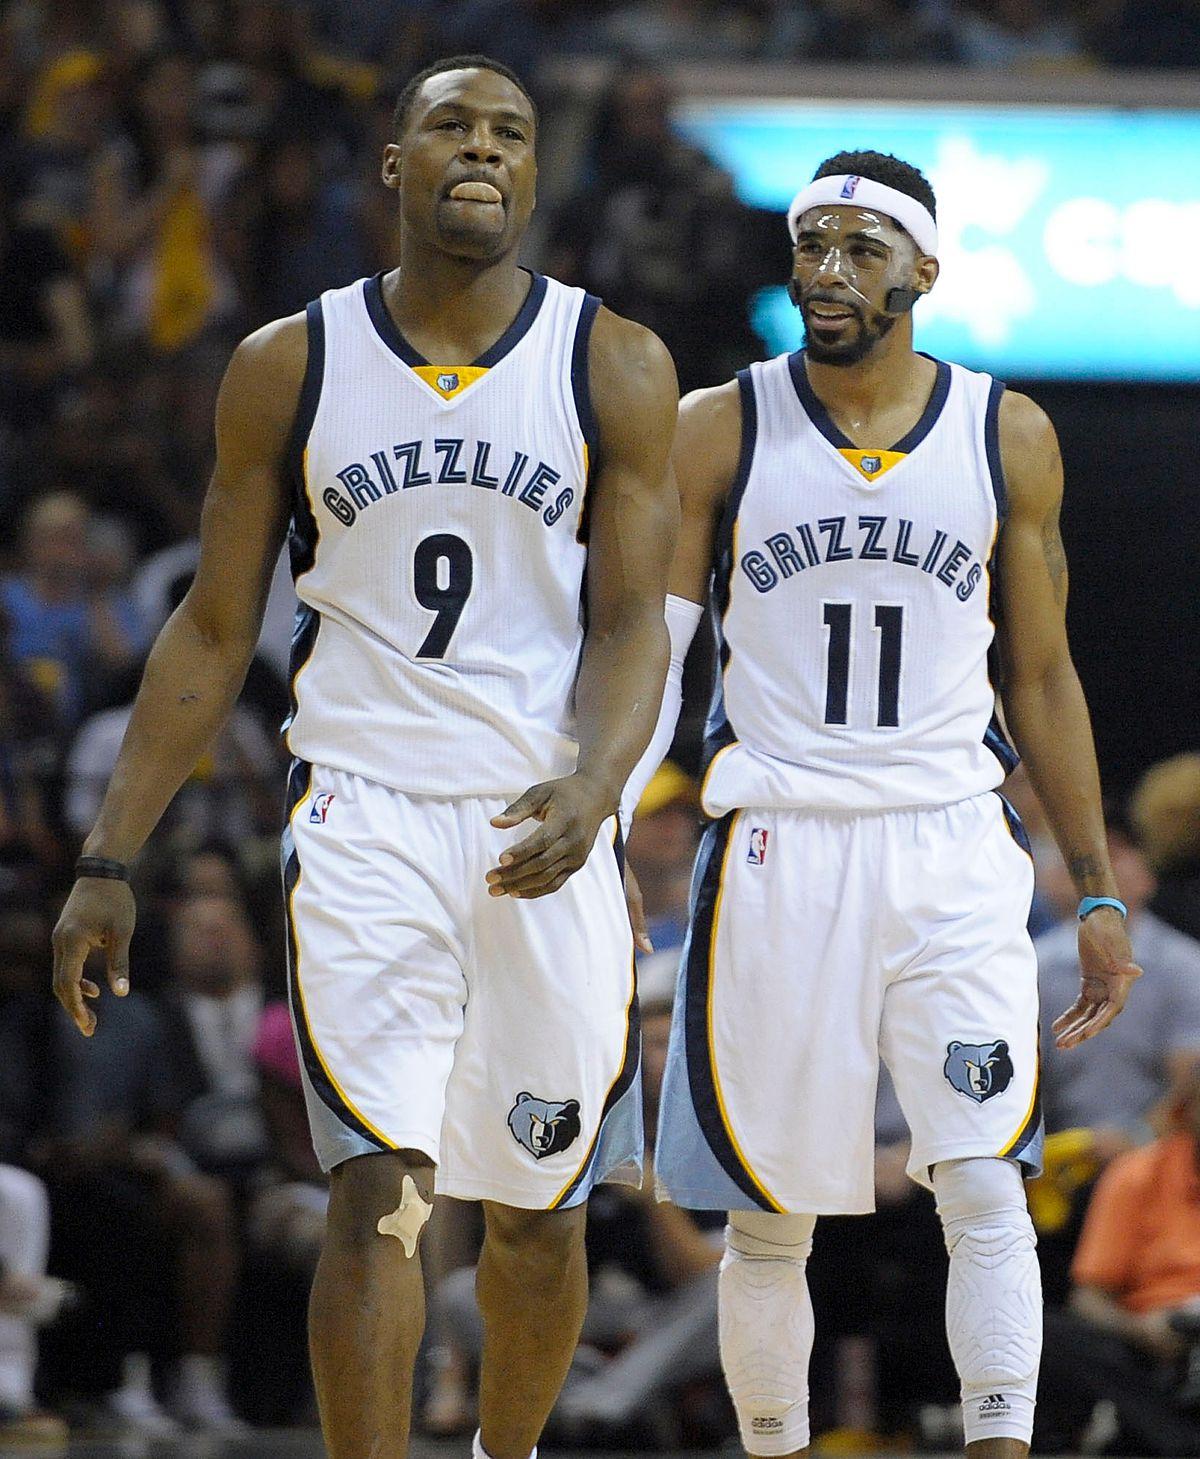 NBA: Playoffs-Golden State Warriors at Memphis Grizzlies